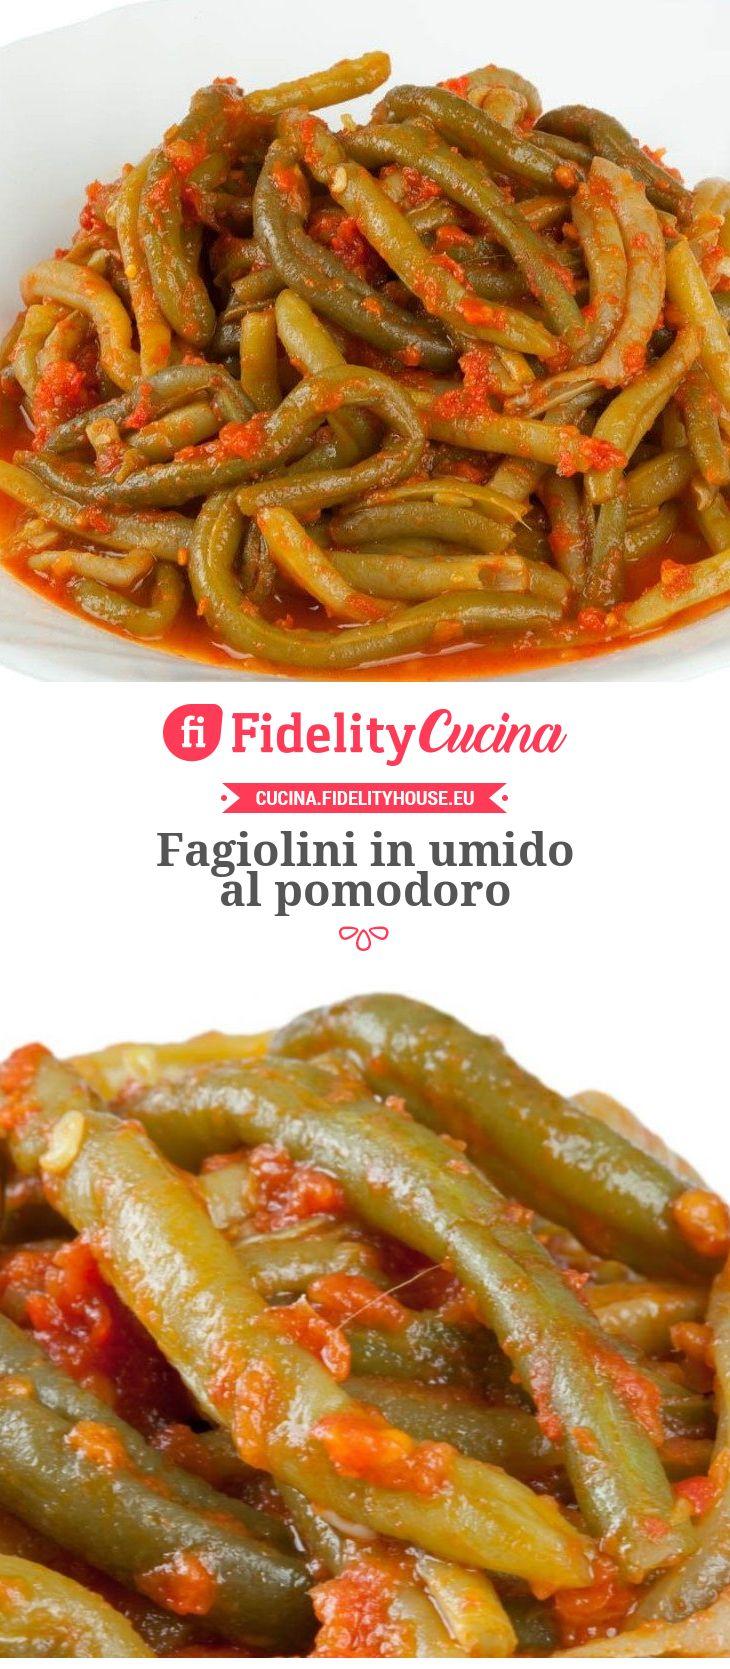 875d21885622cbd467bda537ec6052e5 - Ricette Con Fagiolini